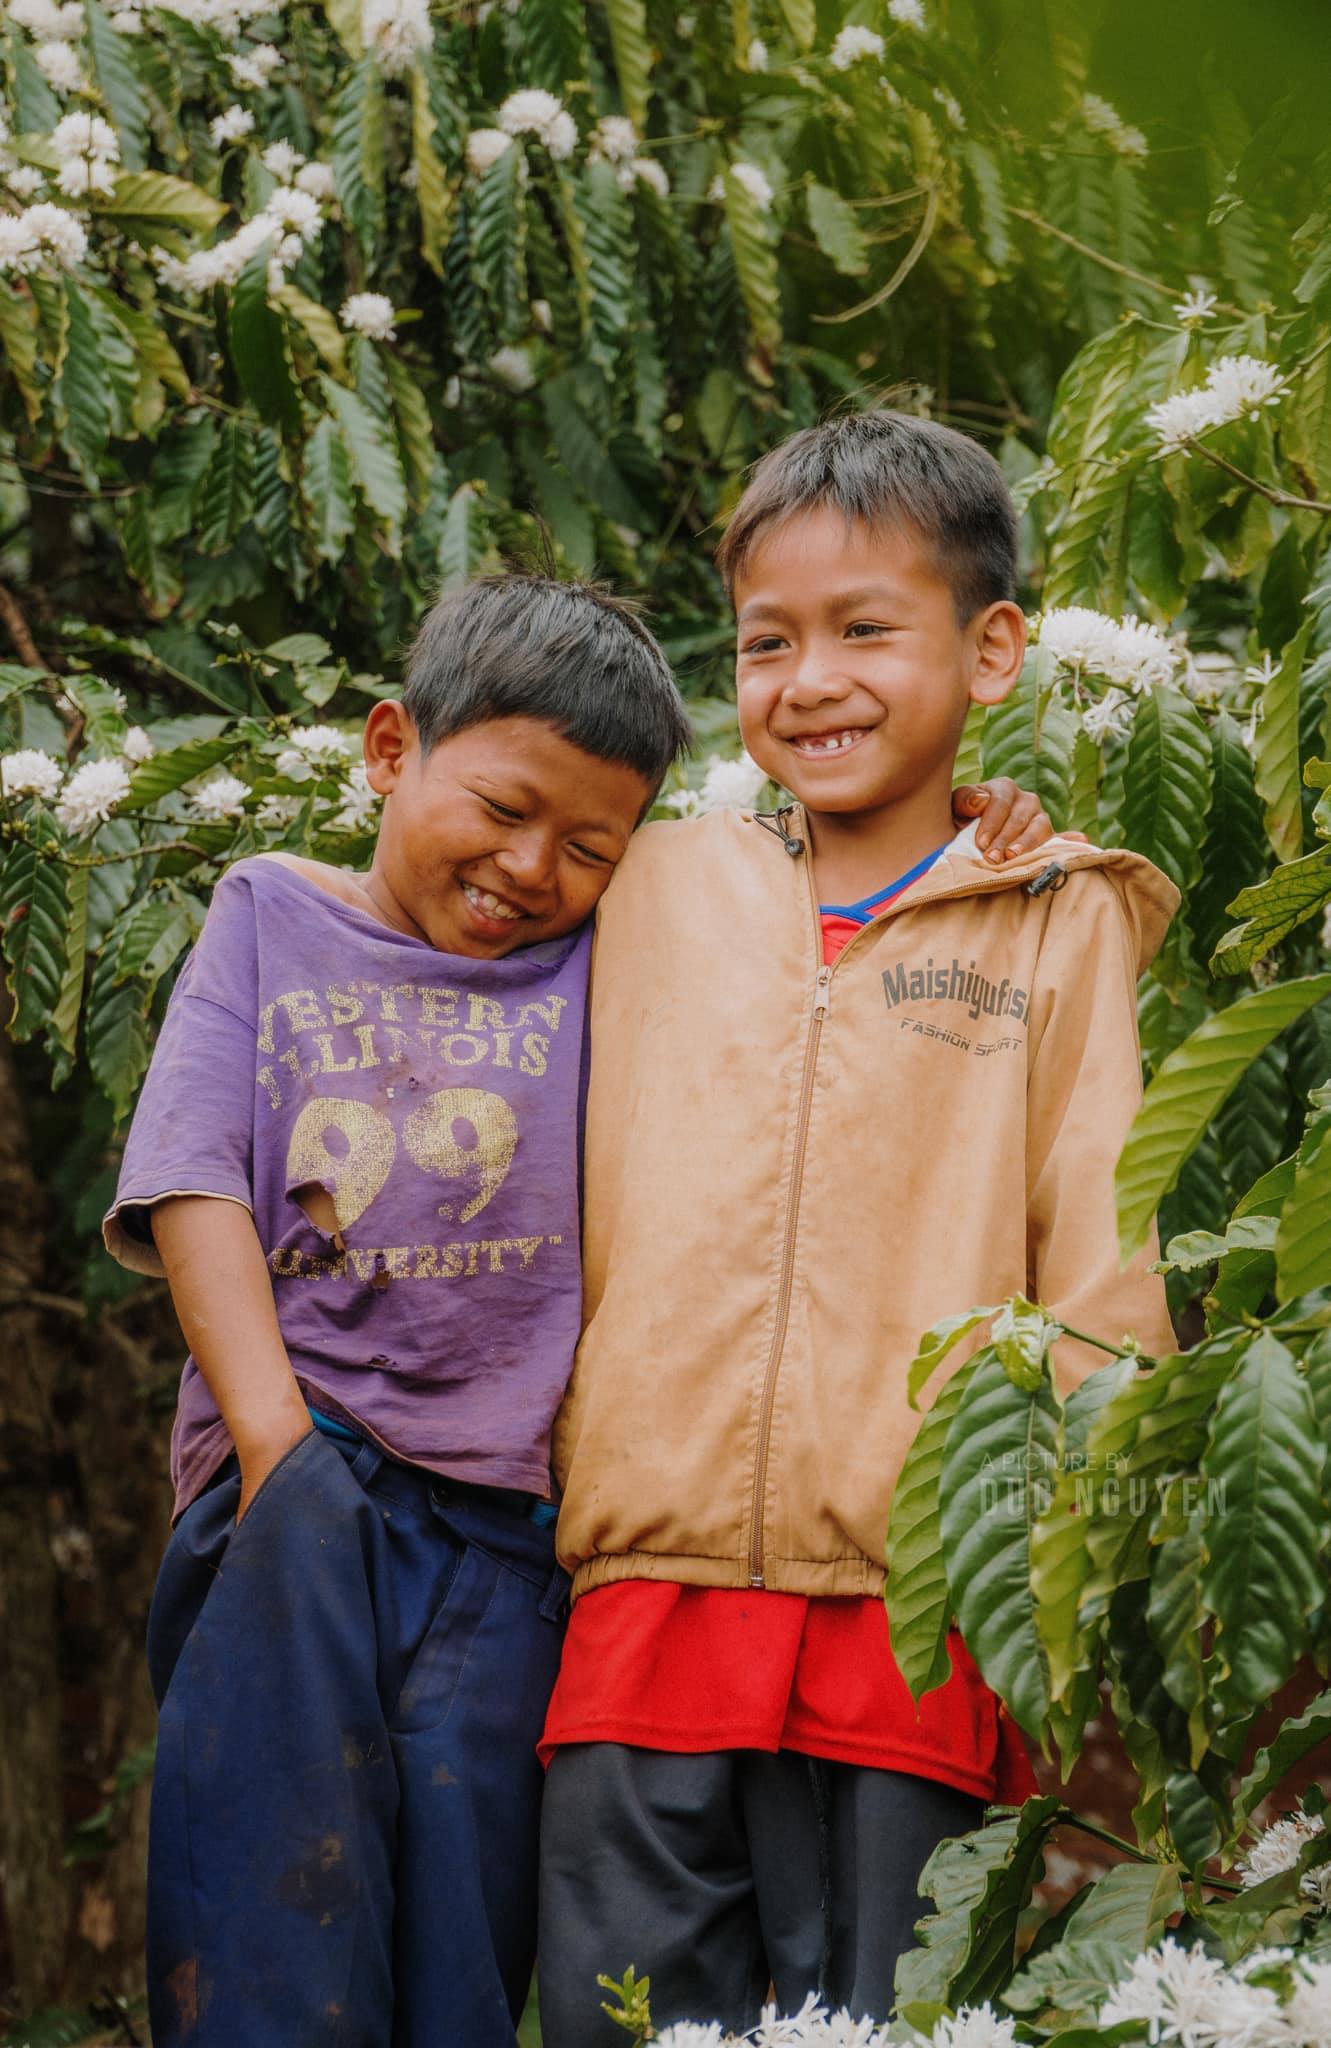 Những đứa trẻ thích thú mỗi mùa hoa cà phê đến. Hình: Duc Nguyen